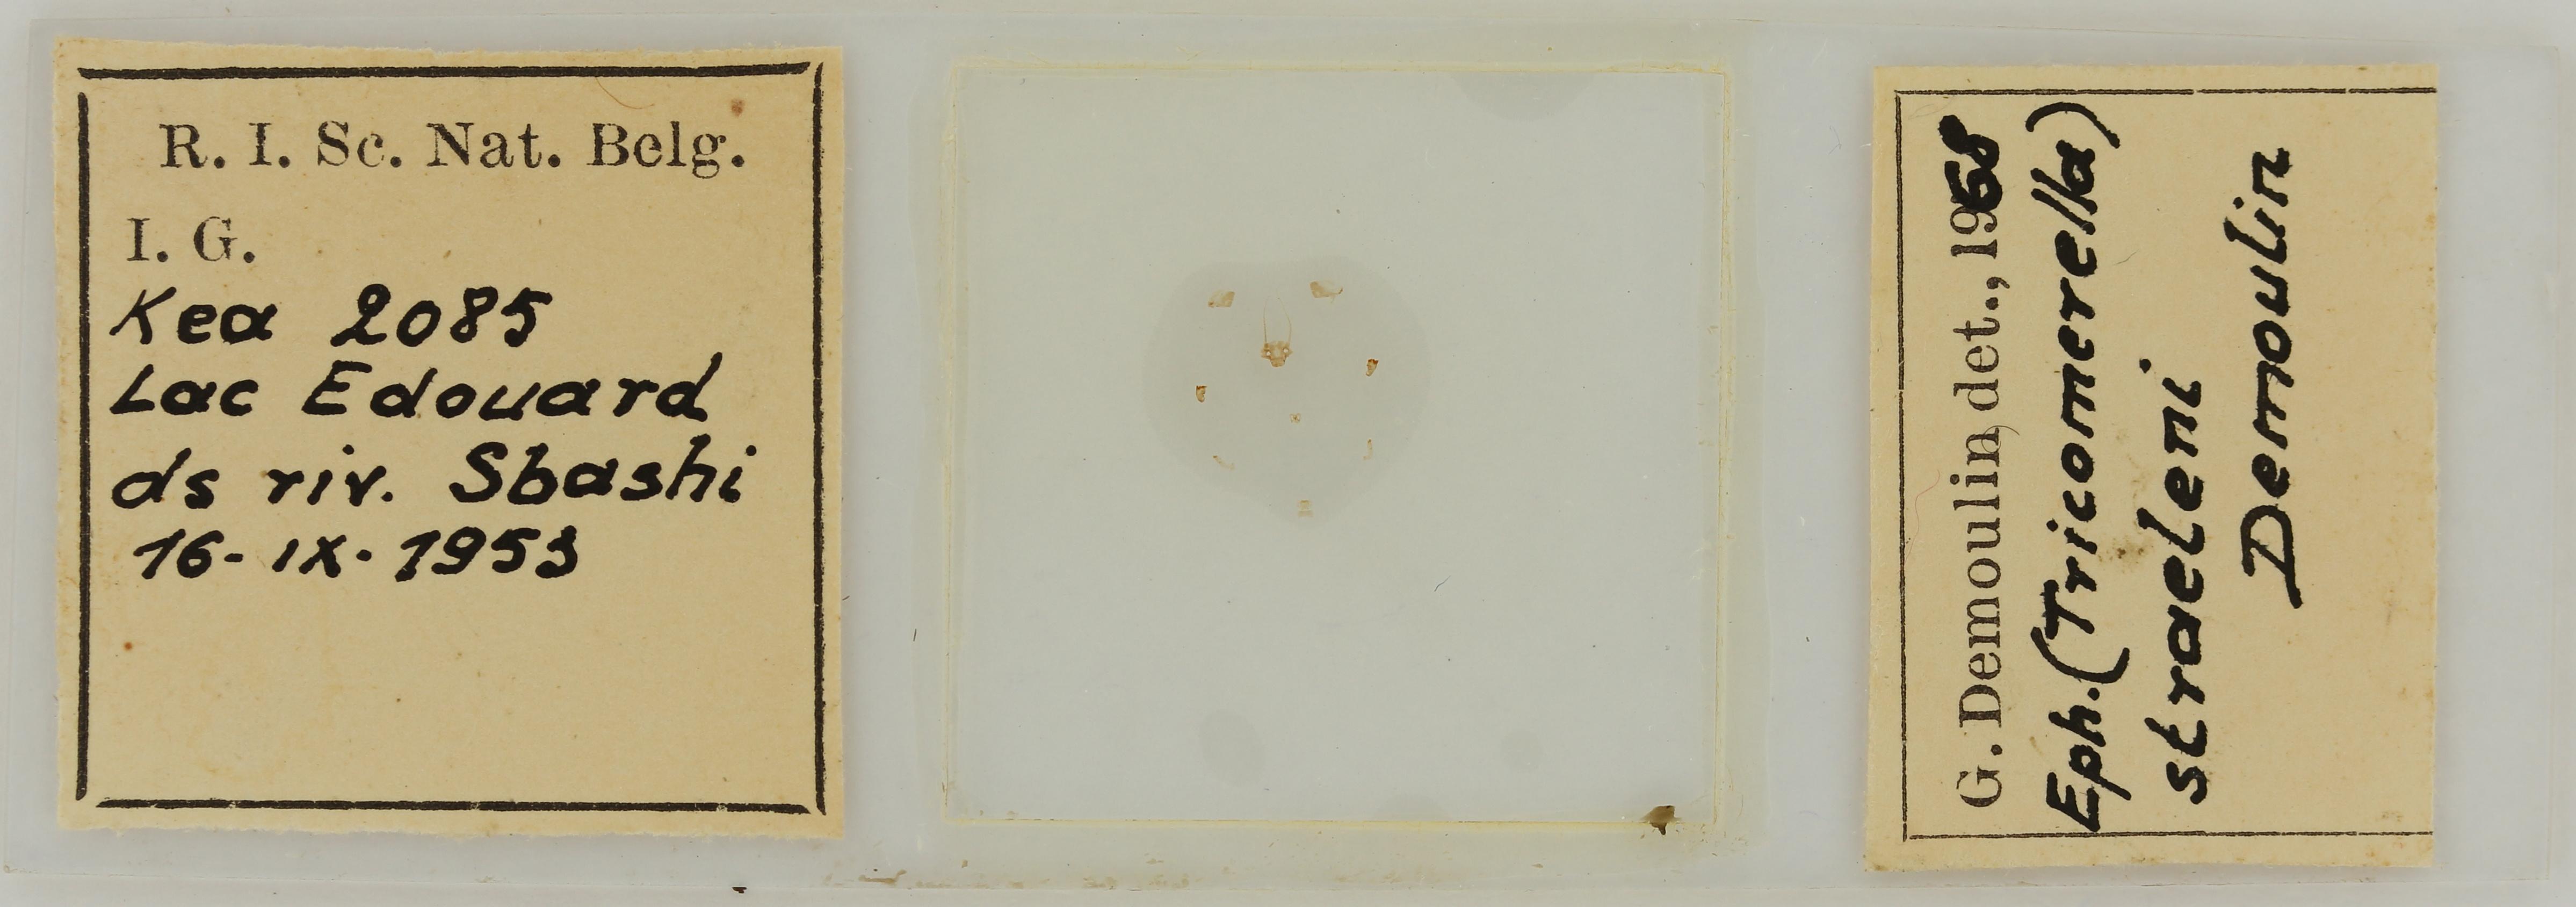 Ephemerythus (Tricomerella) straeleni s1G ht.JPG